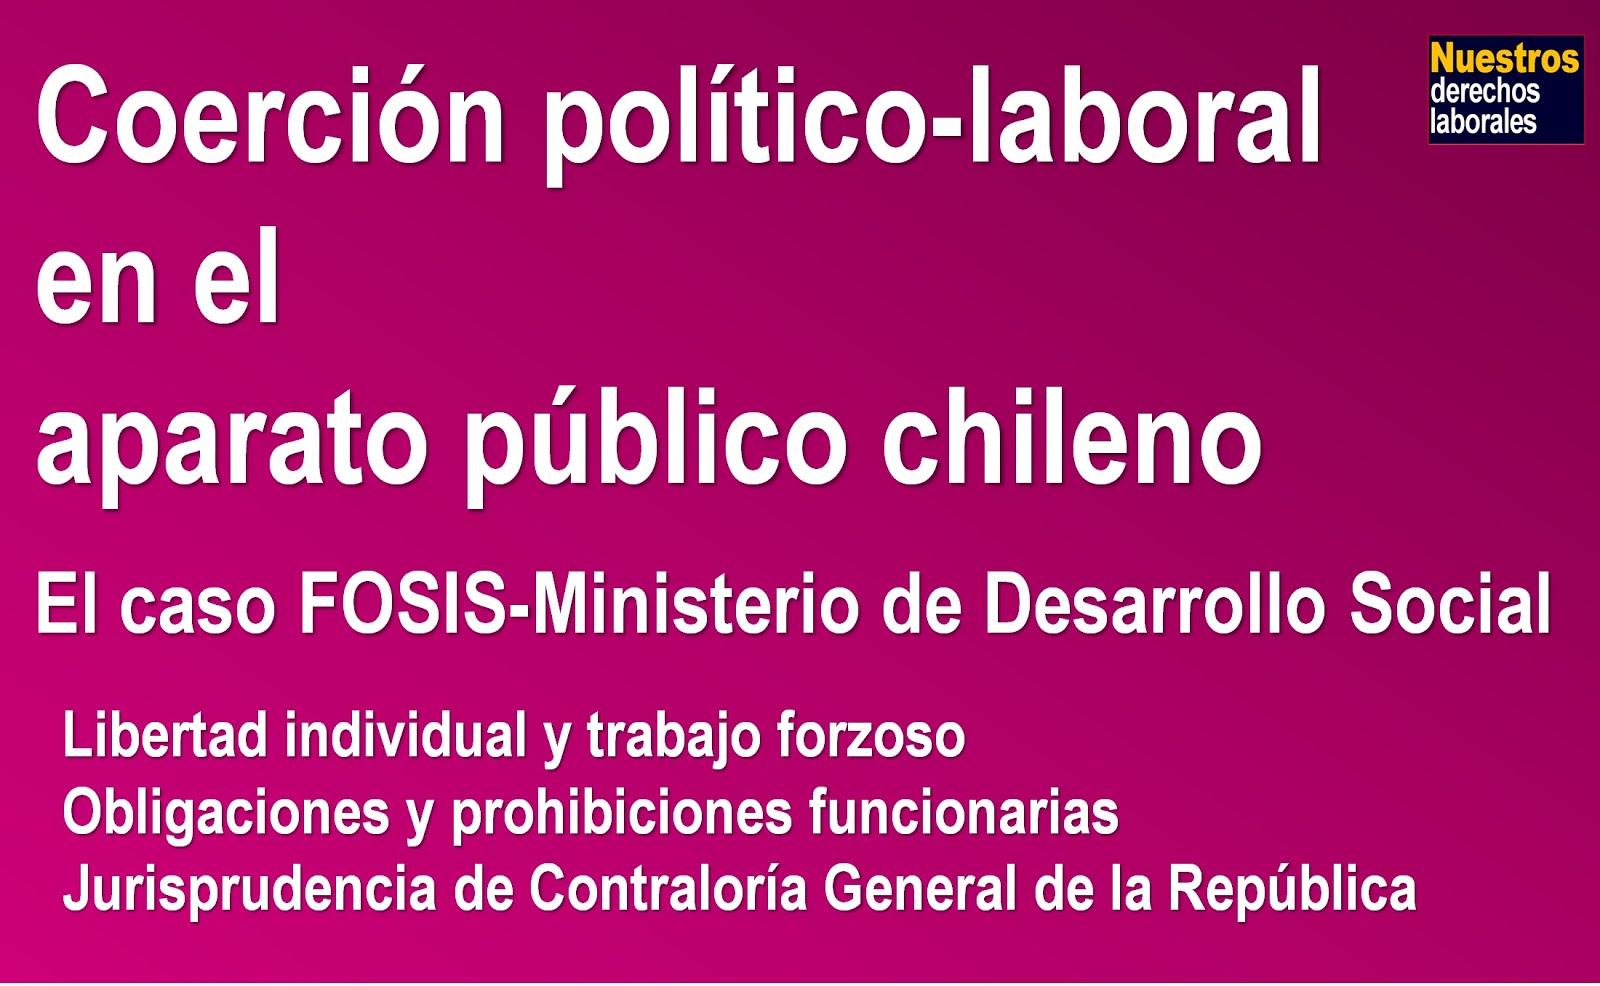 Coerción político-laboral en el aparato público chileno.